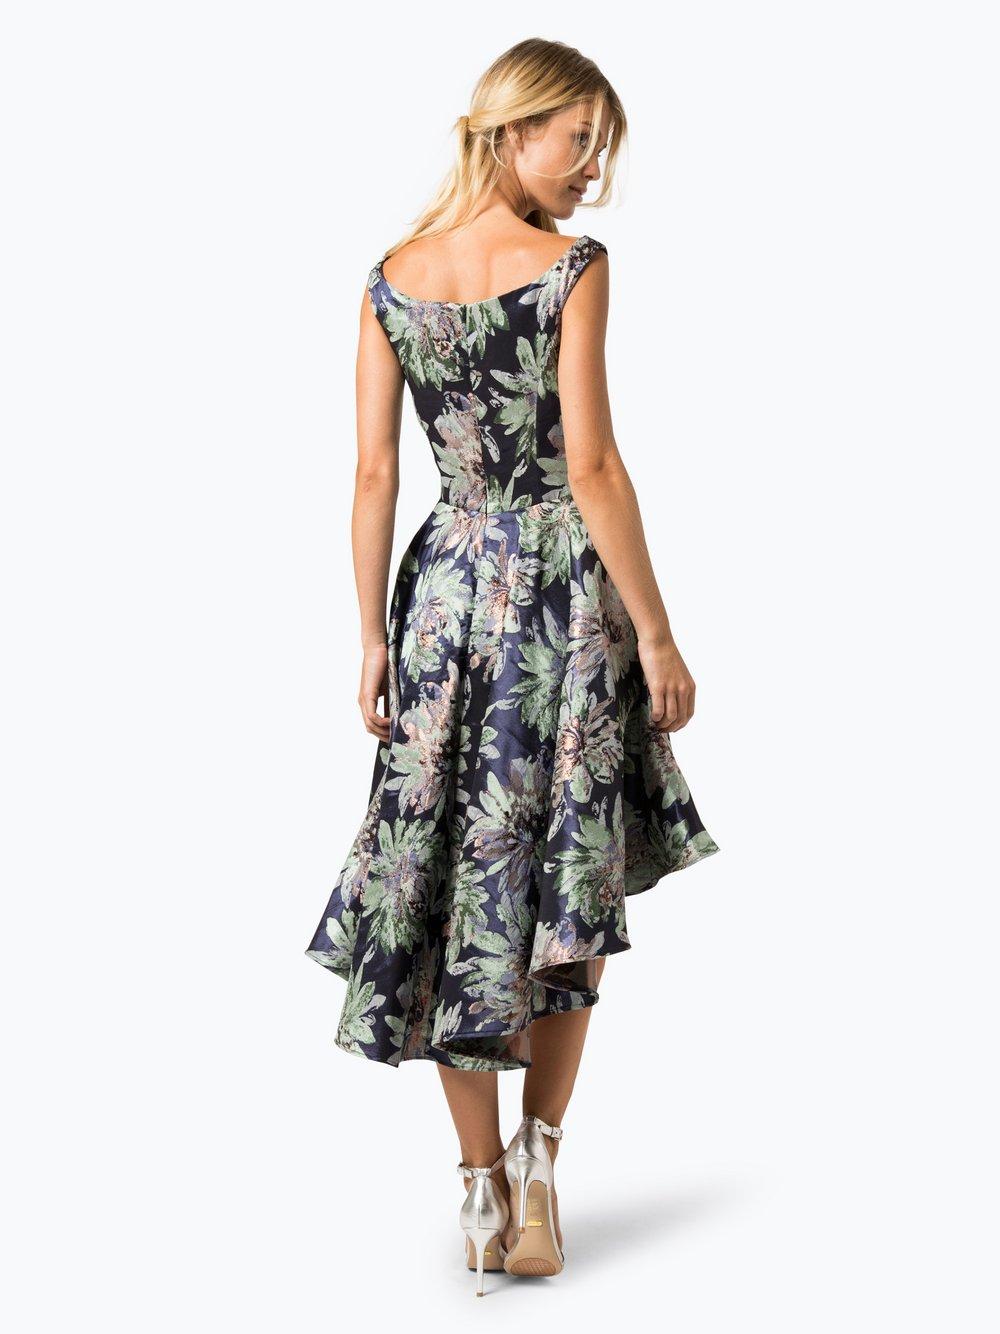 Damen de KaufenPeek Swing Cloppenburg Kleid Online Und 4LcAS35Rjq